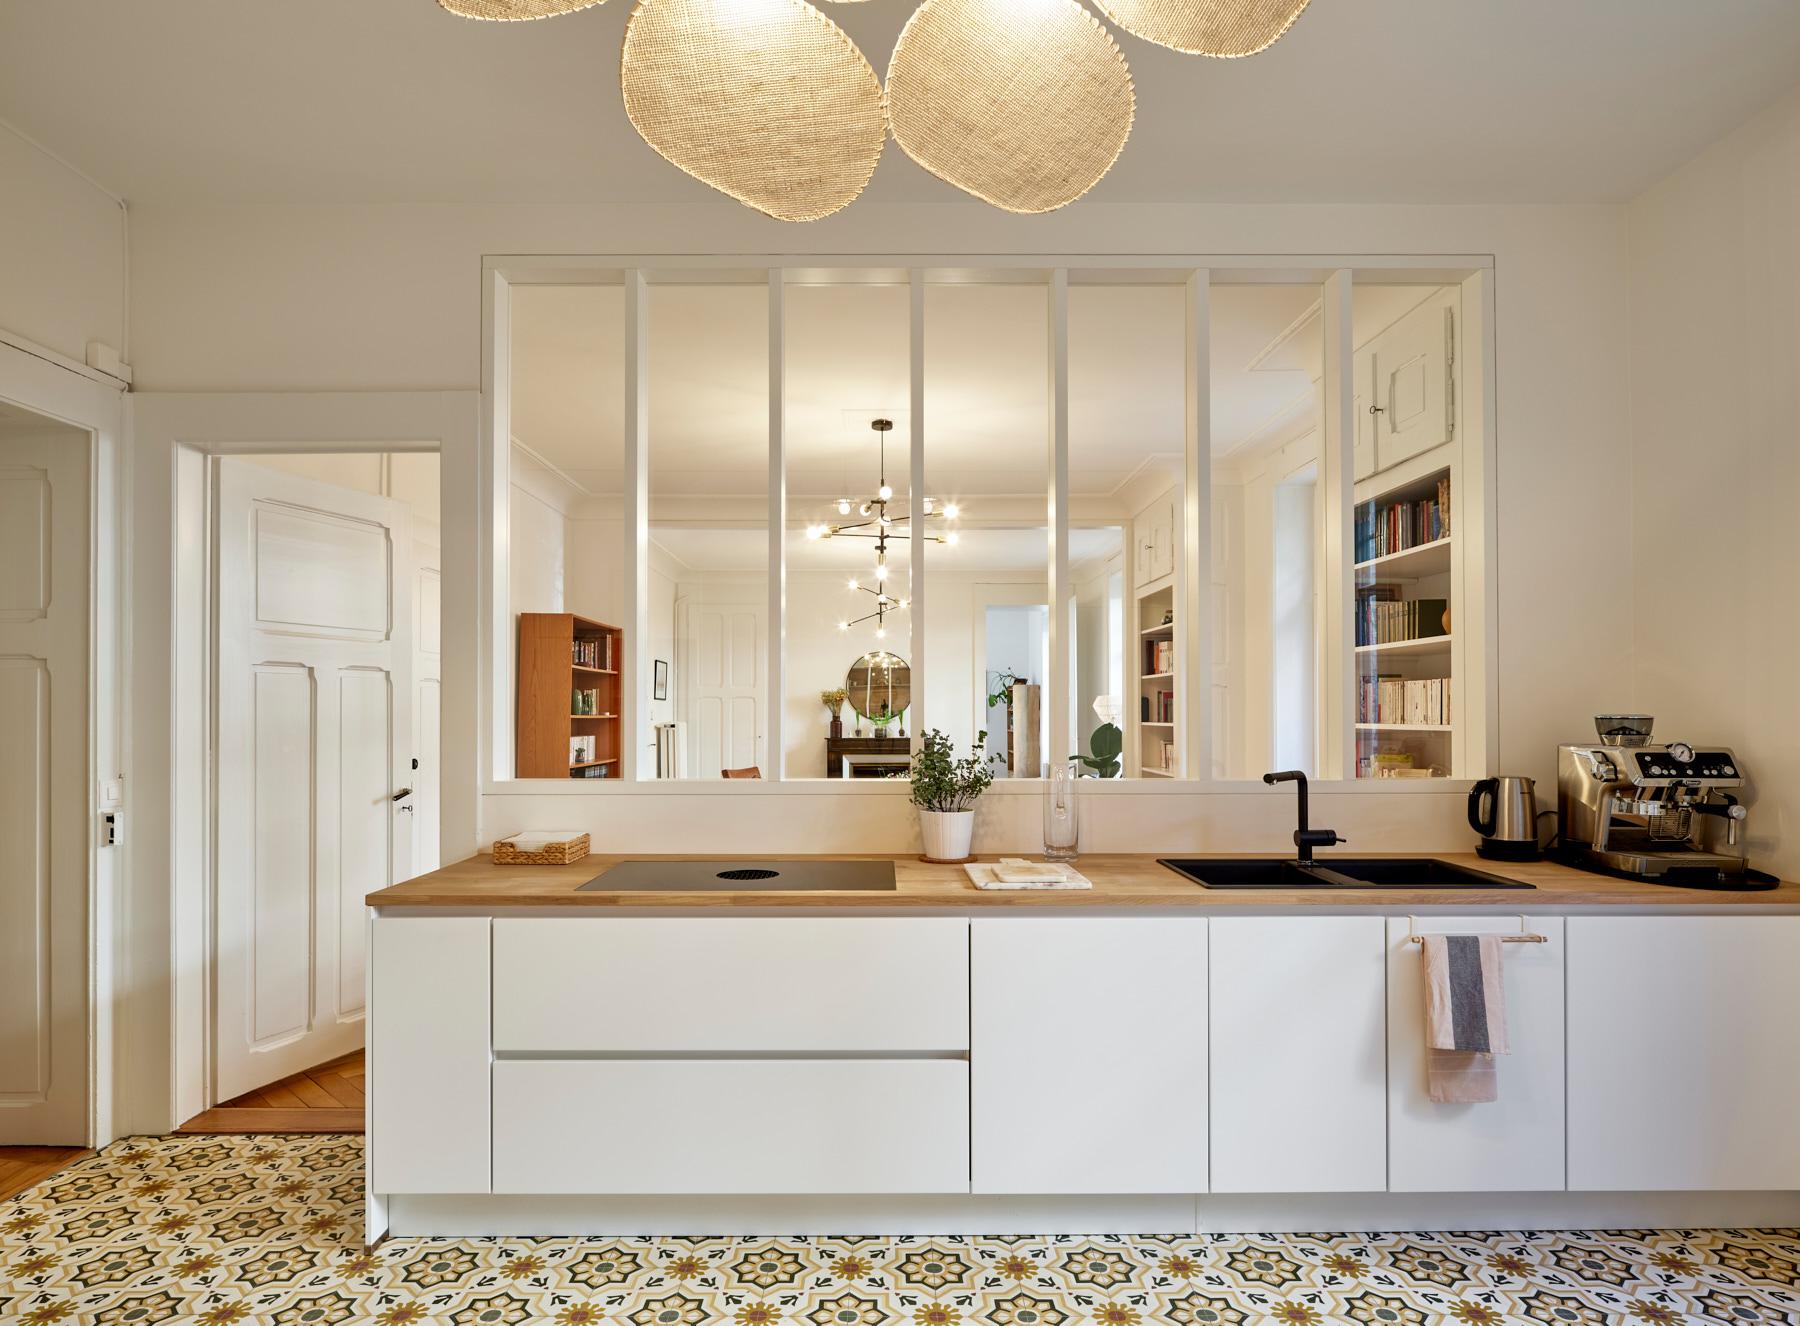 Transformations intérieures - cuisine - verrière - shape architecture - Lausanne